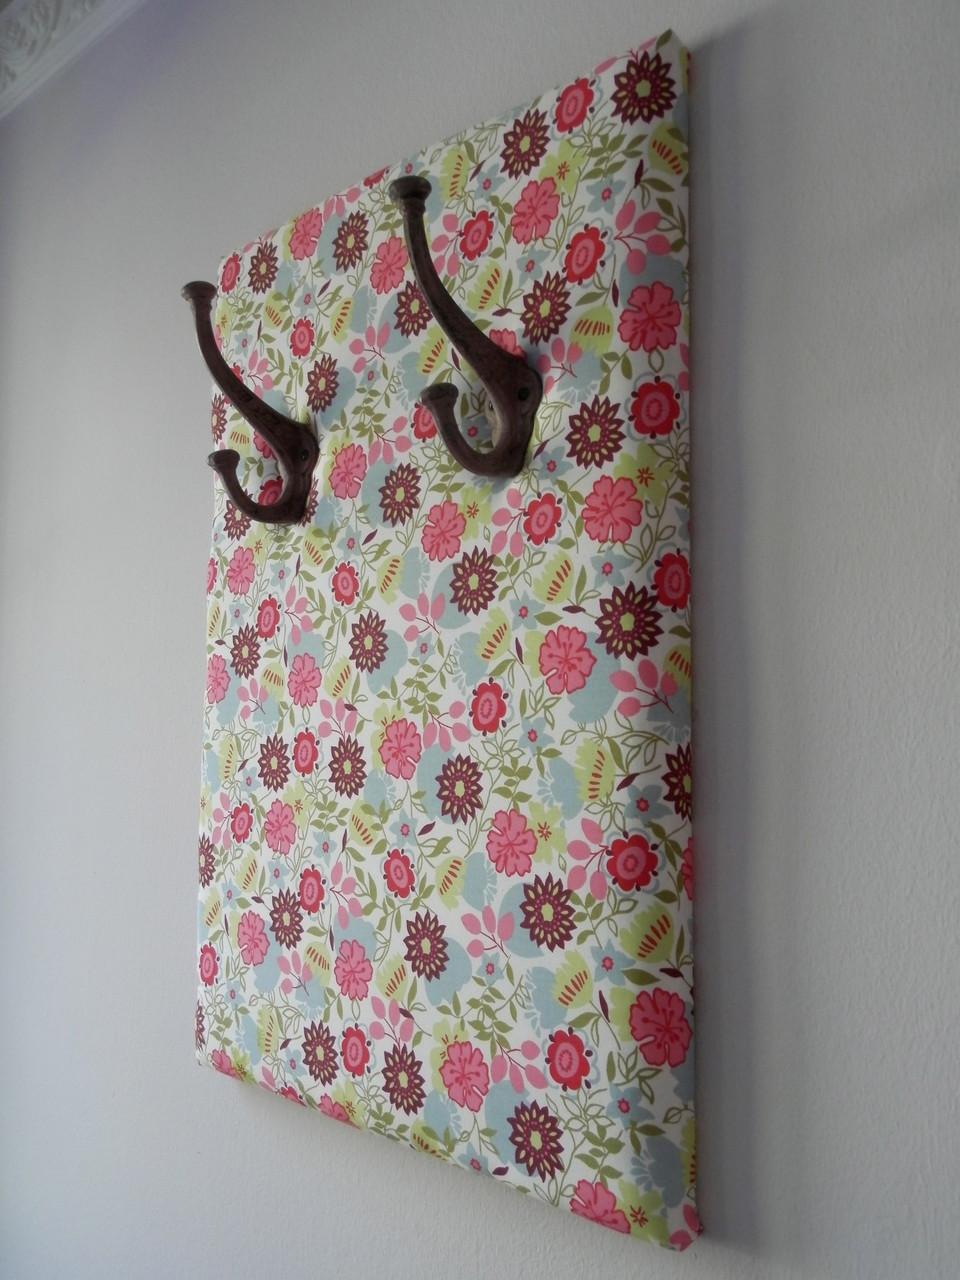 Garderobenhaken im Einklang mit dem Stoffmustern.